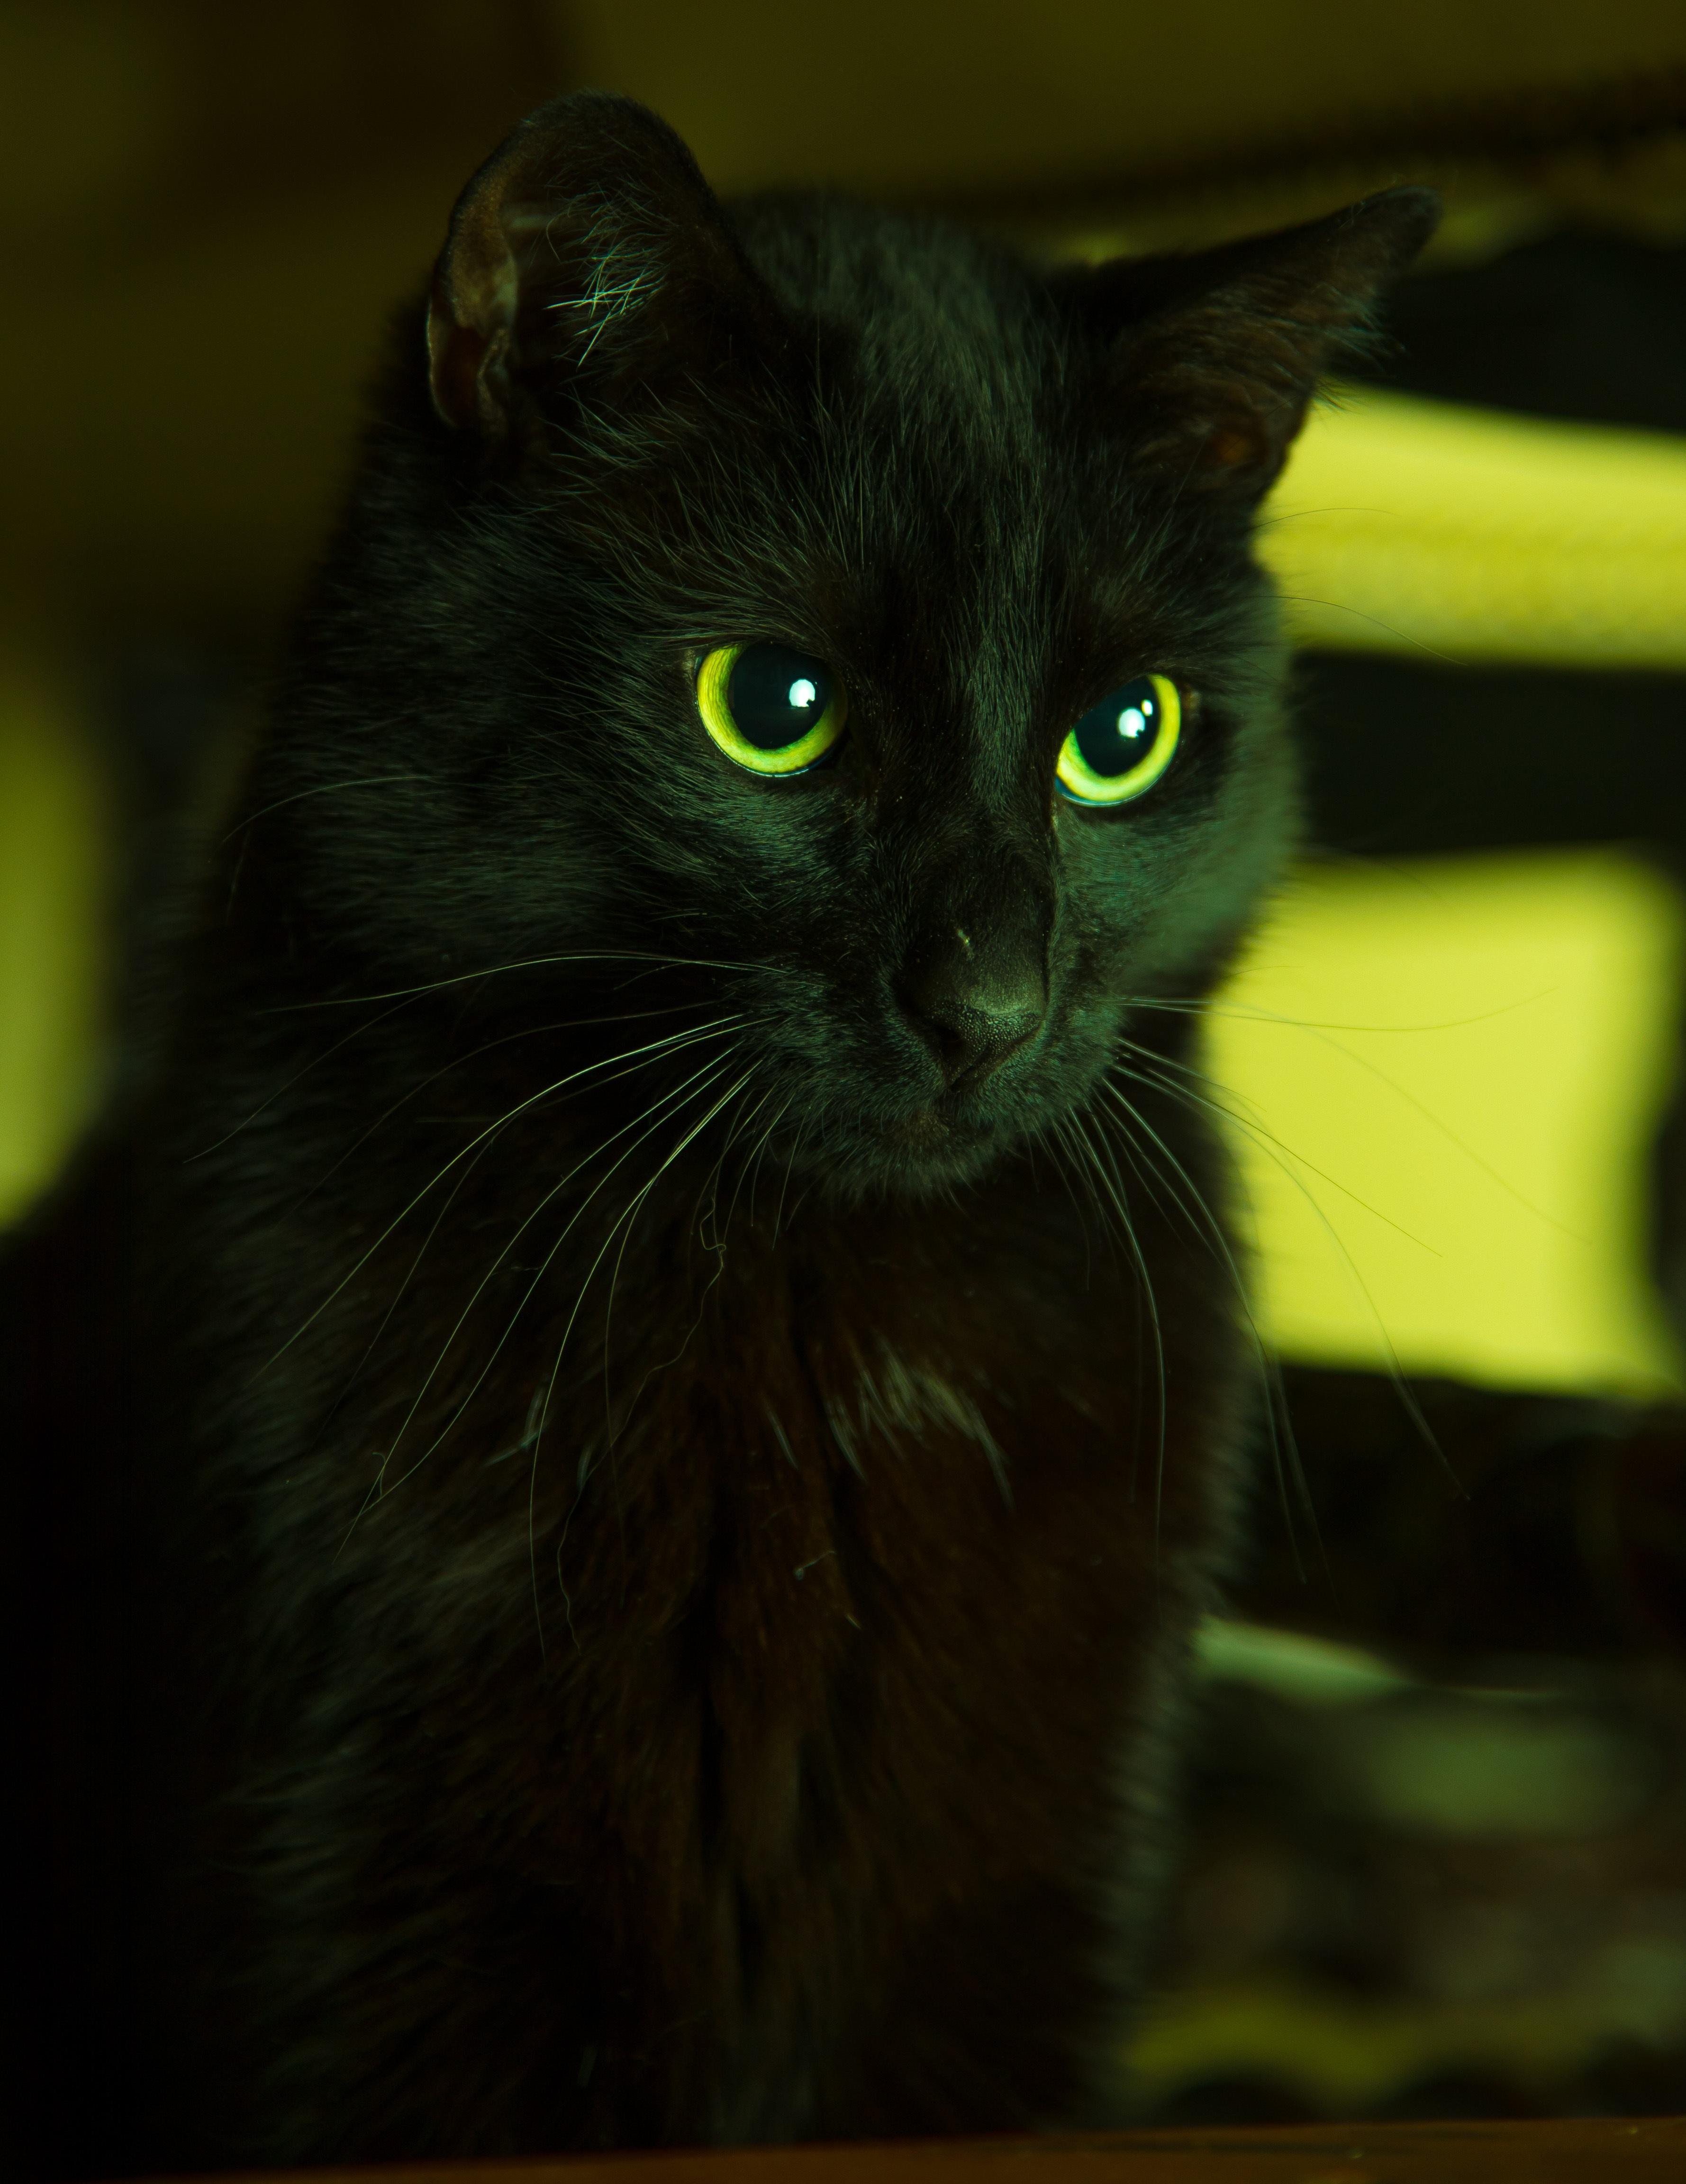 89184 Lade kostenlos Schwarz Hintergrundbilder für dein Handy herunter, Tiere, Der Kater, Katze, Augen, Das Schwarze, Sieht Aus, Sieht Schwarz Bilder und Bildschirmschoner für dein Handy